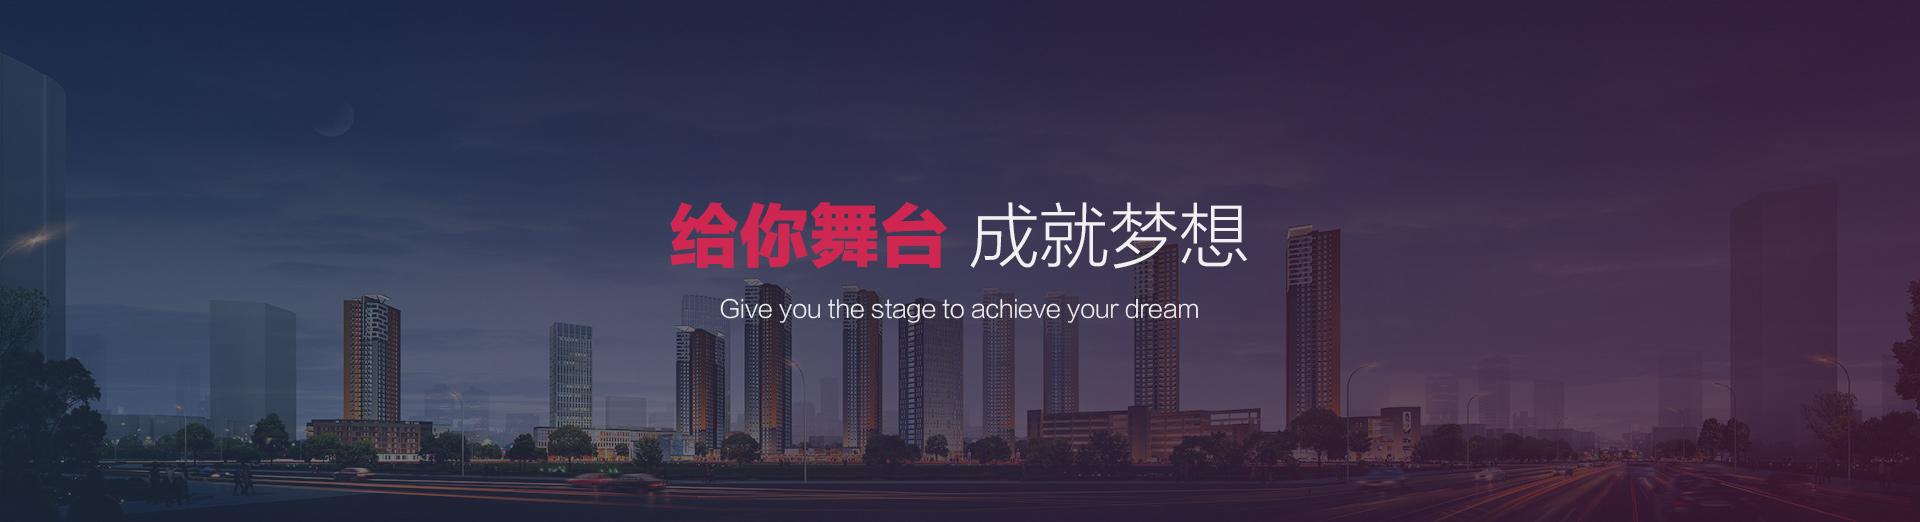 北京贺瑞松股份有限责任公司